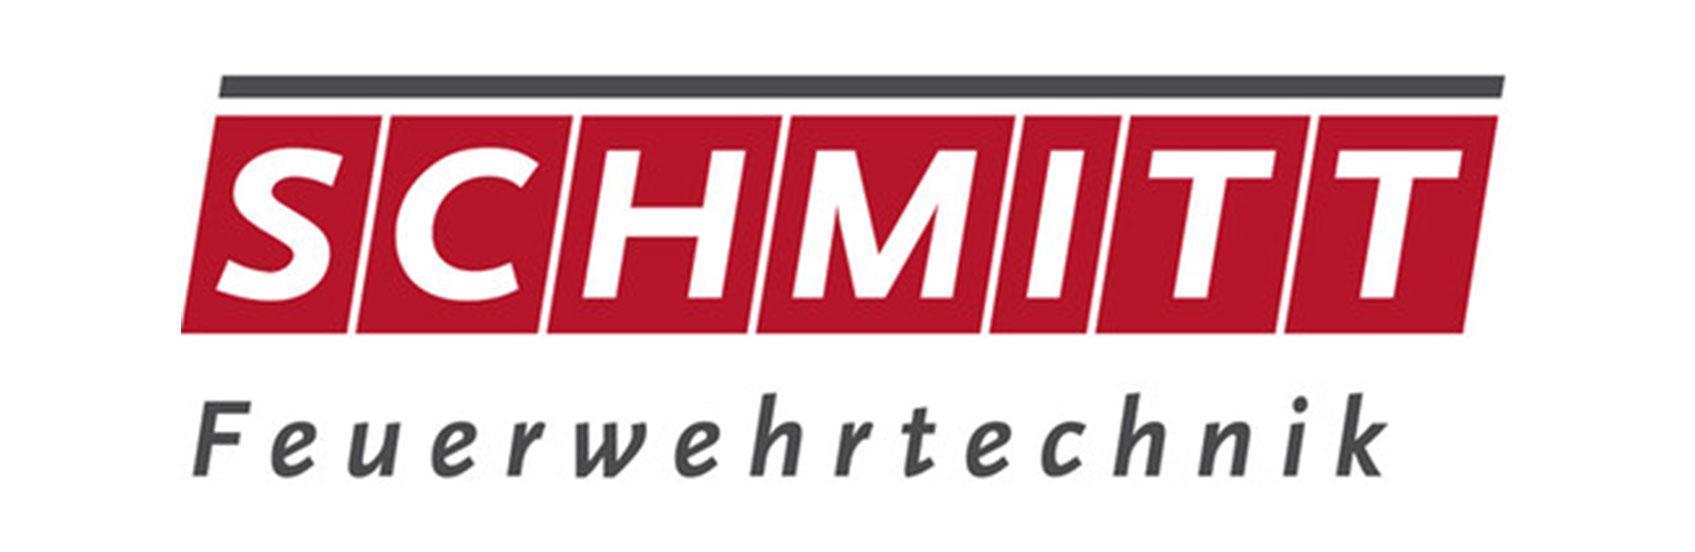 logo_rickmeier_2014_offiziell-scaled-1